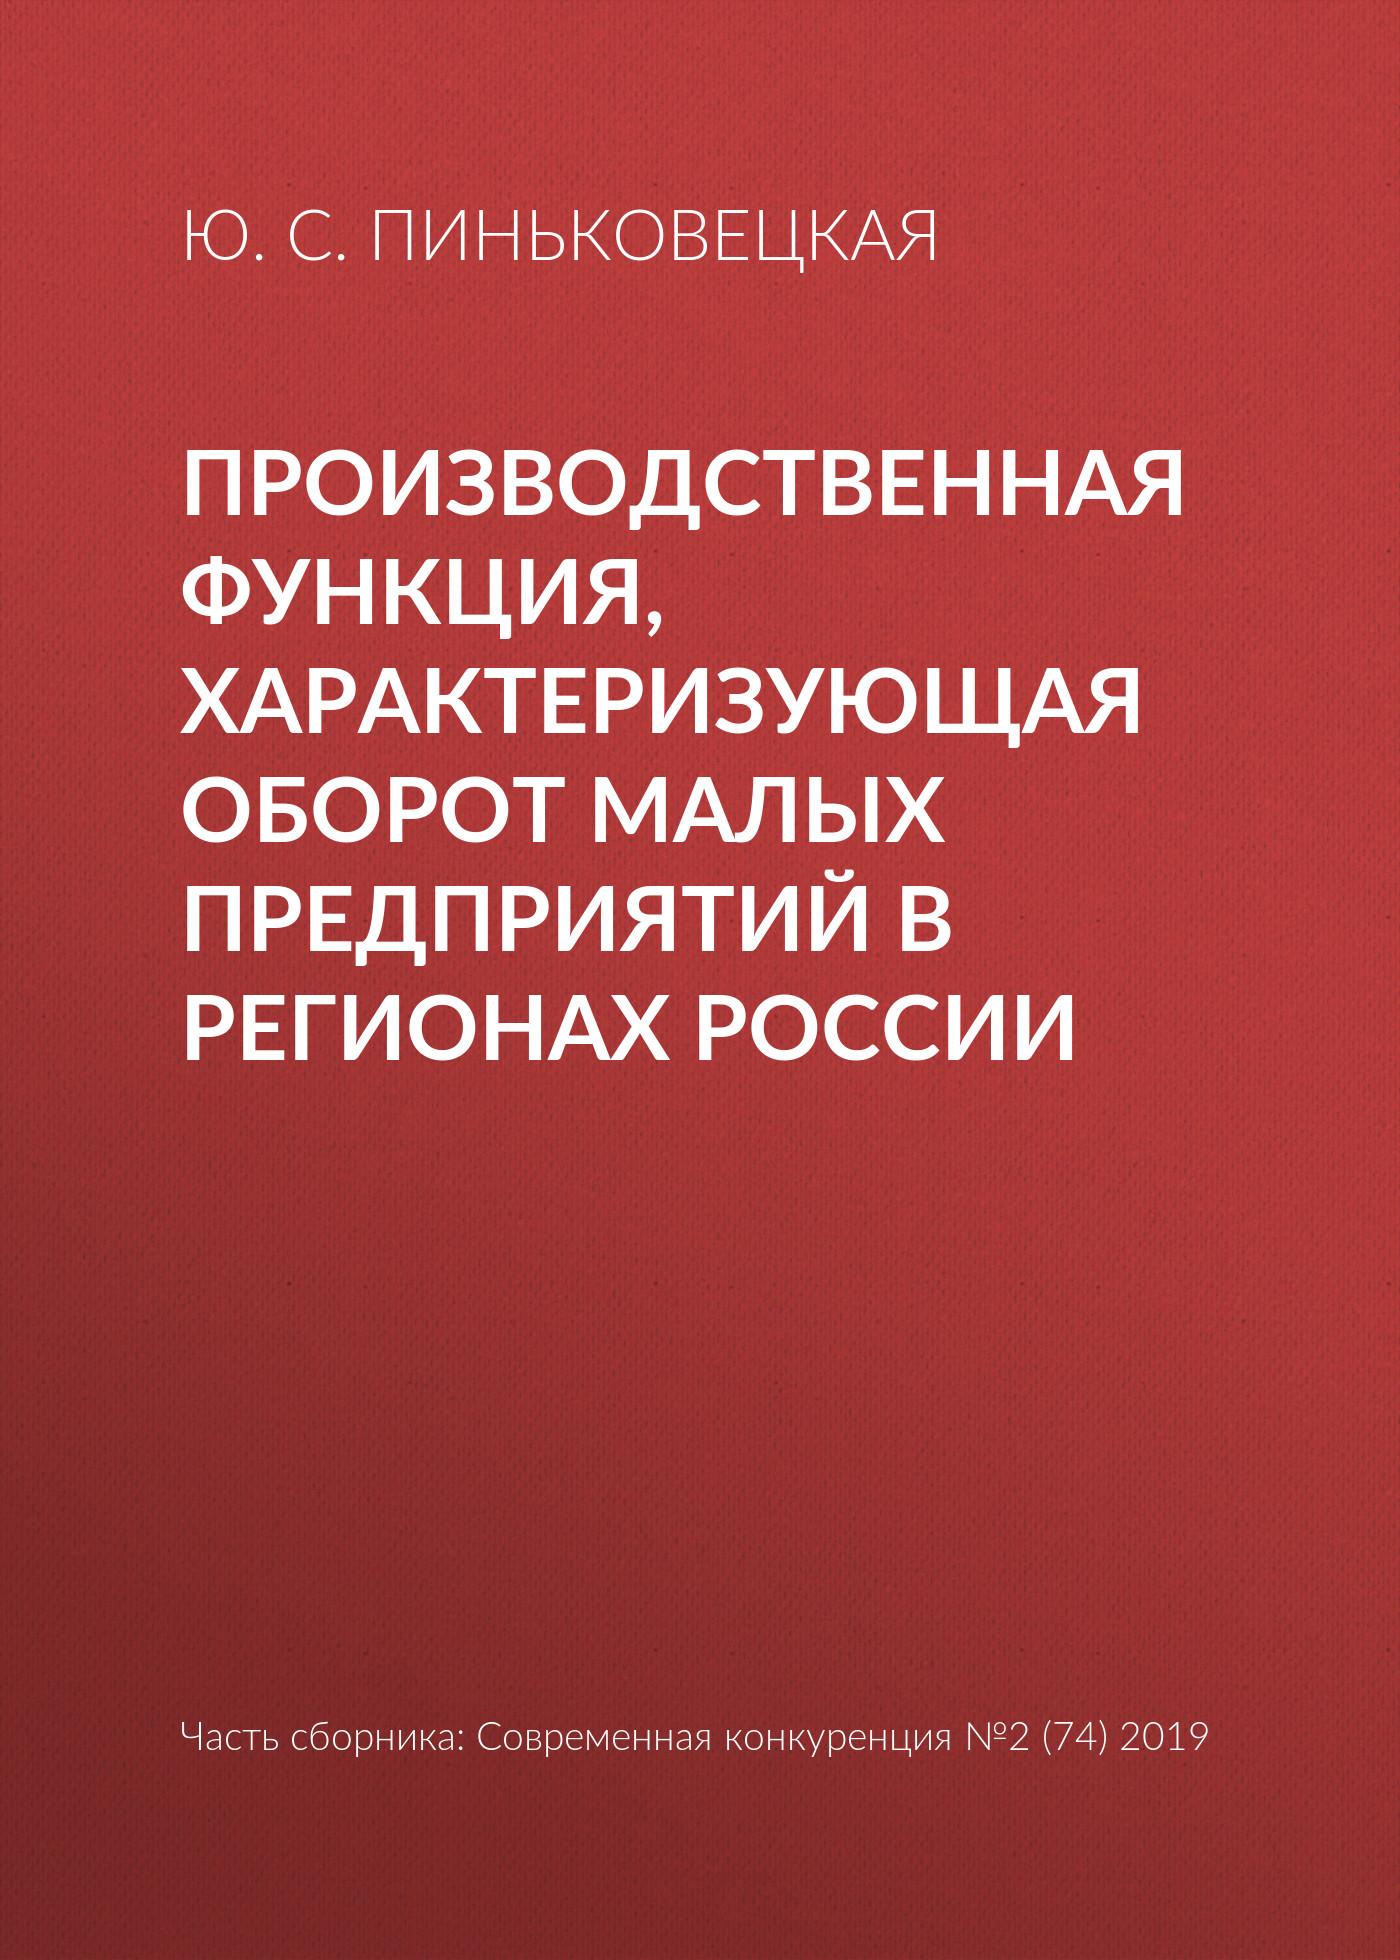 Купить книгу Производственная функция, характеризующая оборот малых предприятий в регионах России, автора Ю. С. Пиньковецкой